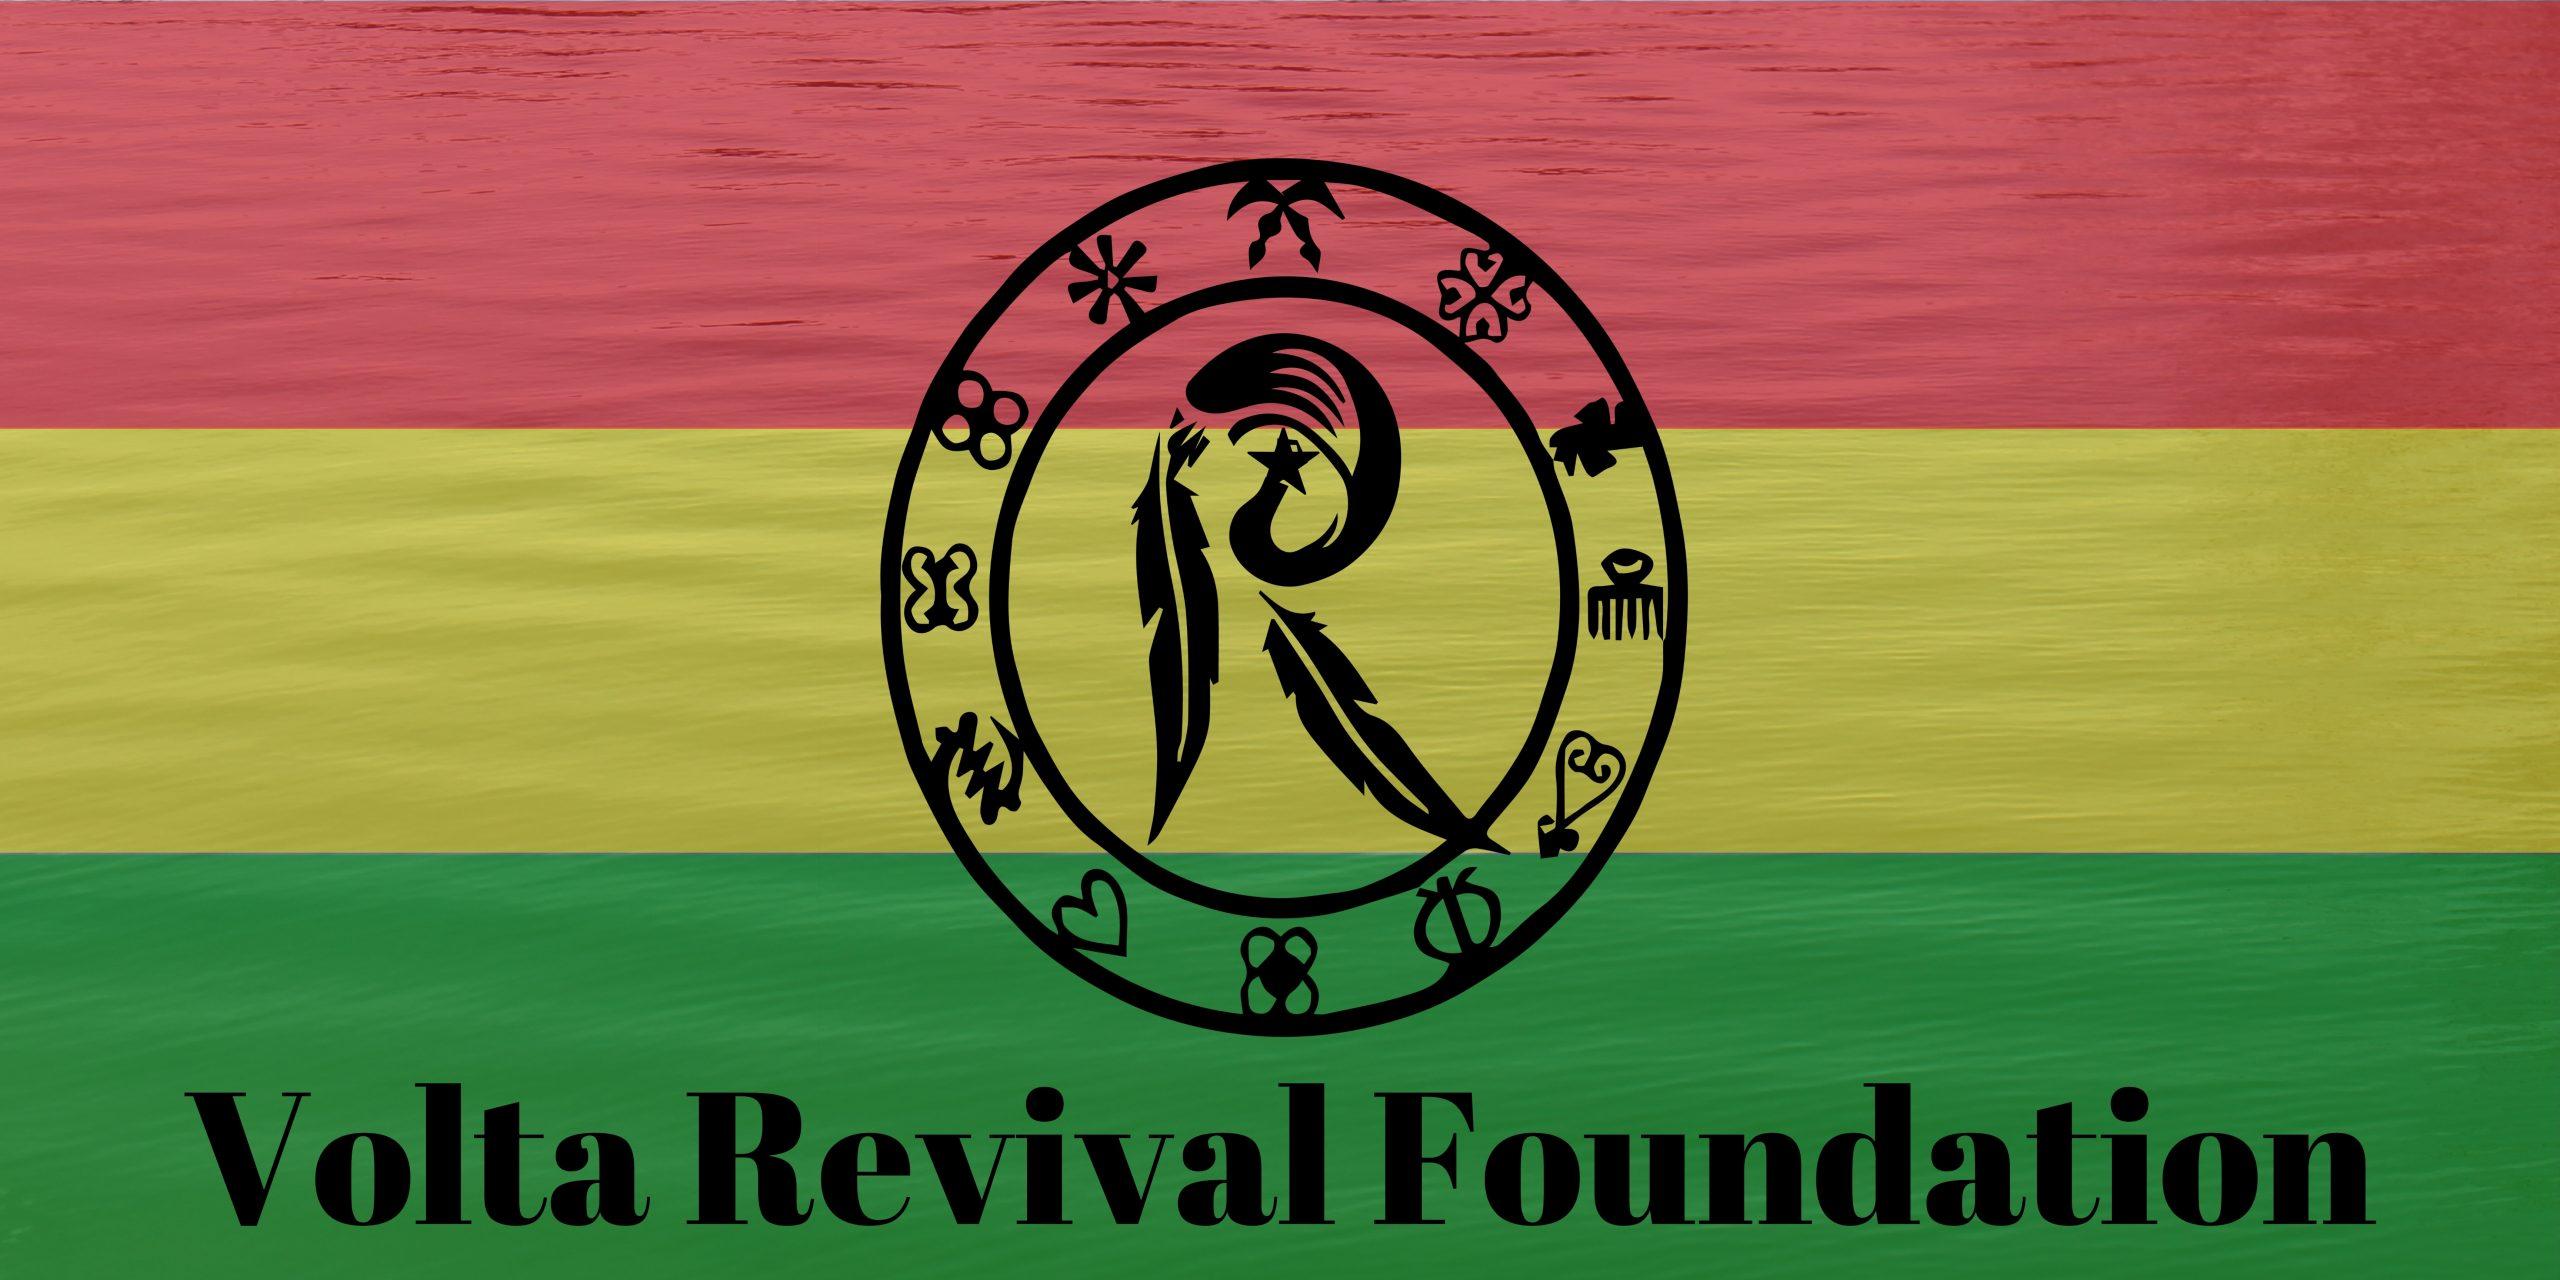 About Volta Revival